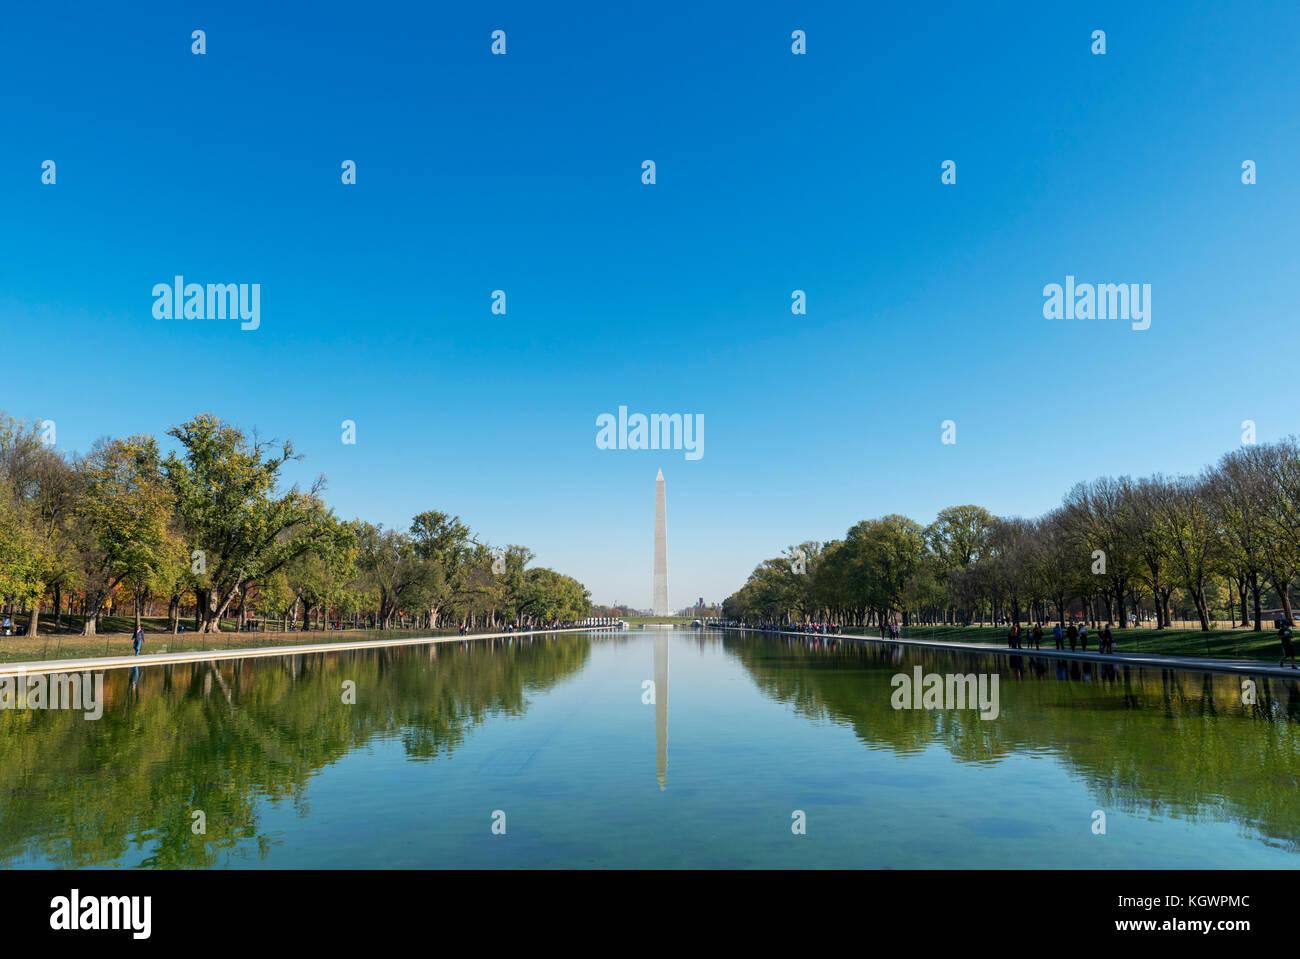 El Monumento a Washington y la piscina reflectante del Lincoln Memorial, Washington DC, EE.UU. Imagen De Stock